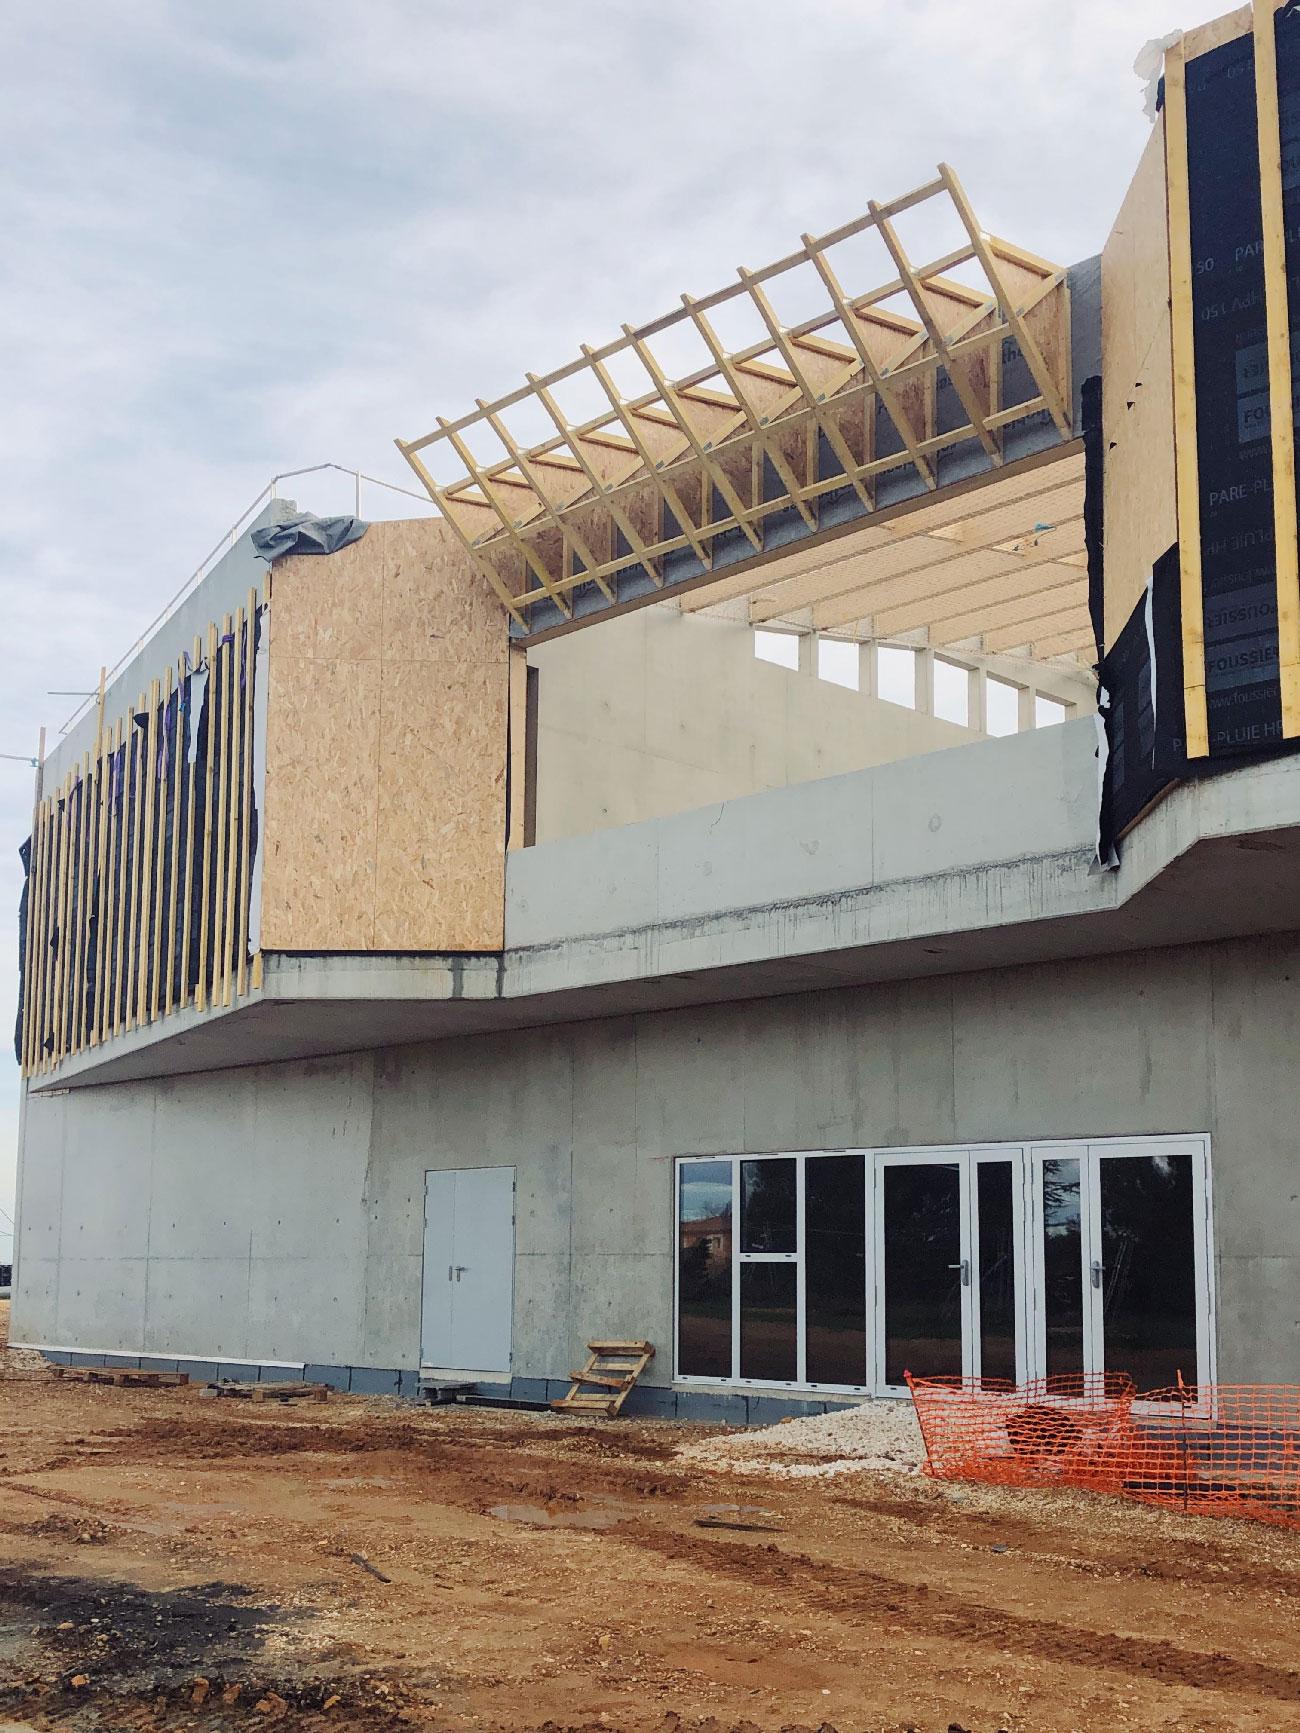 Chantier du centre culturel et associatif de Bellegarde (30) - vue de la salle de danse à l'exterieur - TAUTEM Architecture